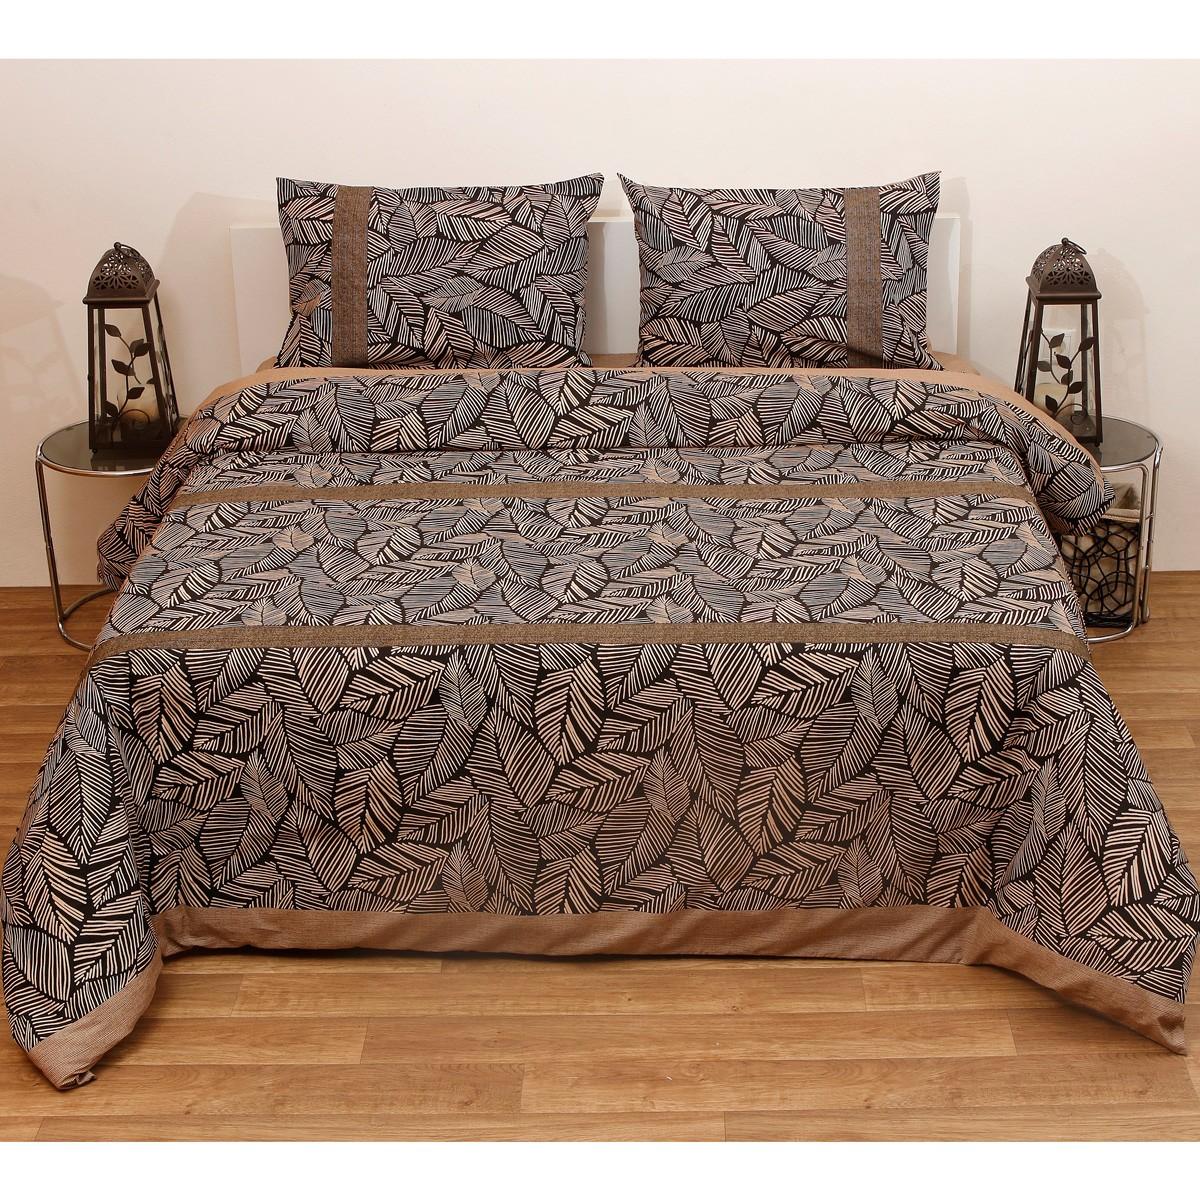 Πάπλωμα Ημίδιπλο (Σετ) Viopros Fresh Μέλανι home   κρεβατοκάμαρα   παπλώματα   παπλώματα ημίδιπλα   διπλά